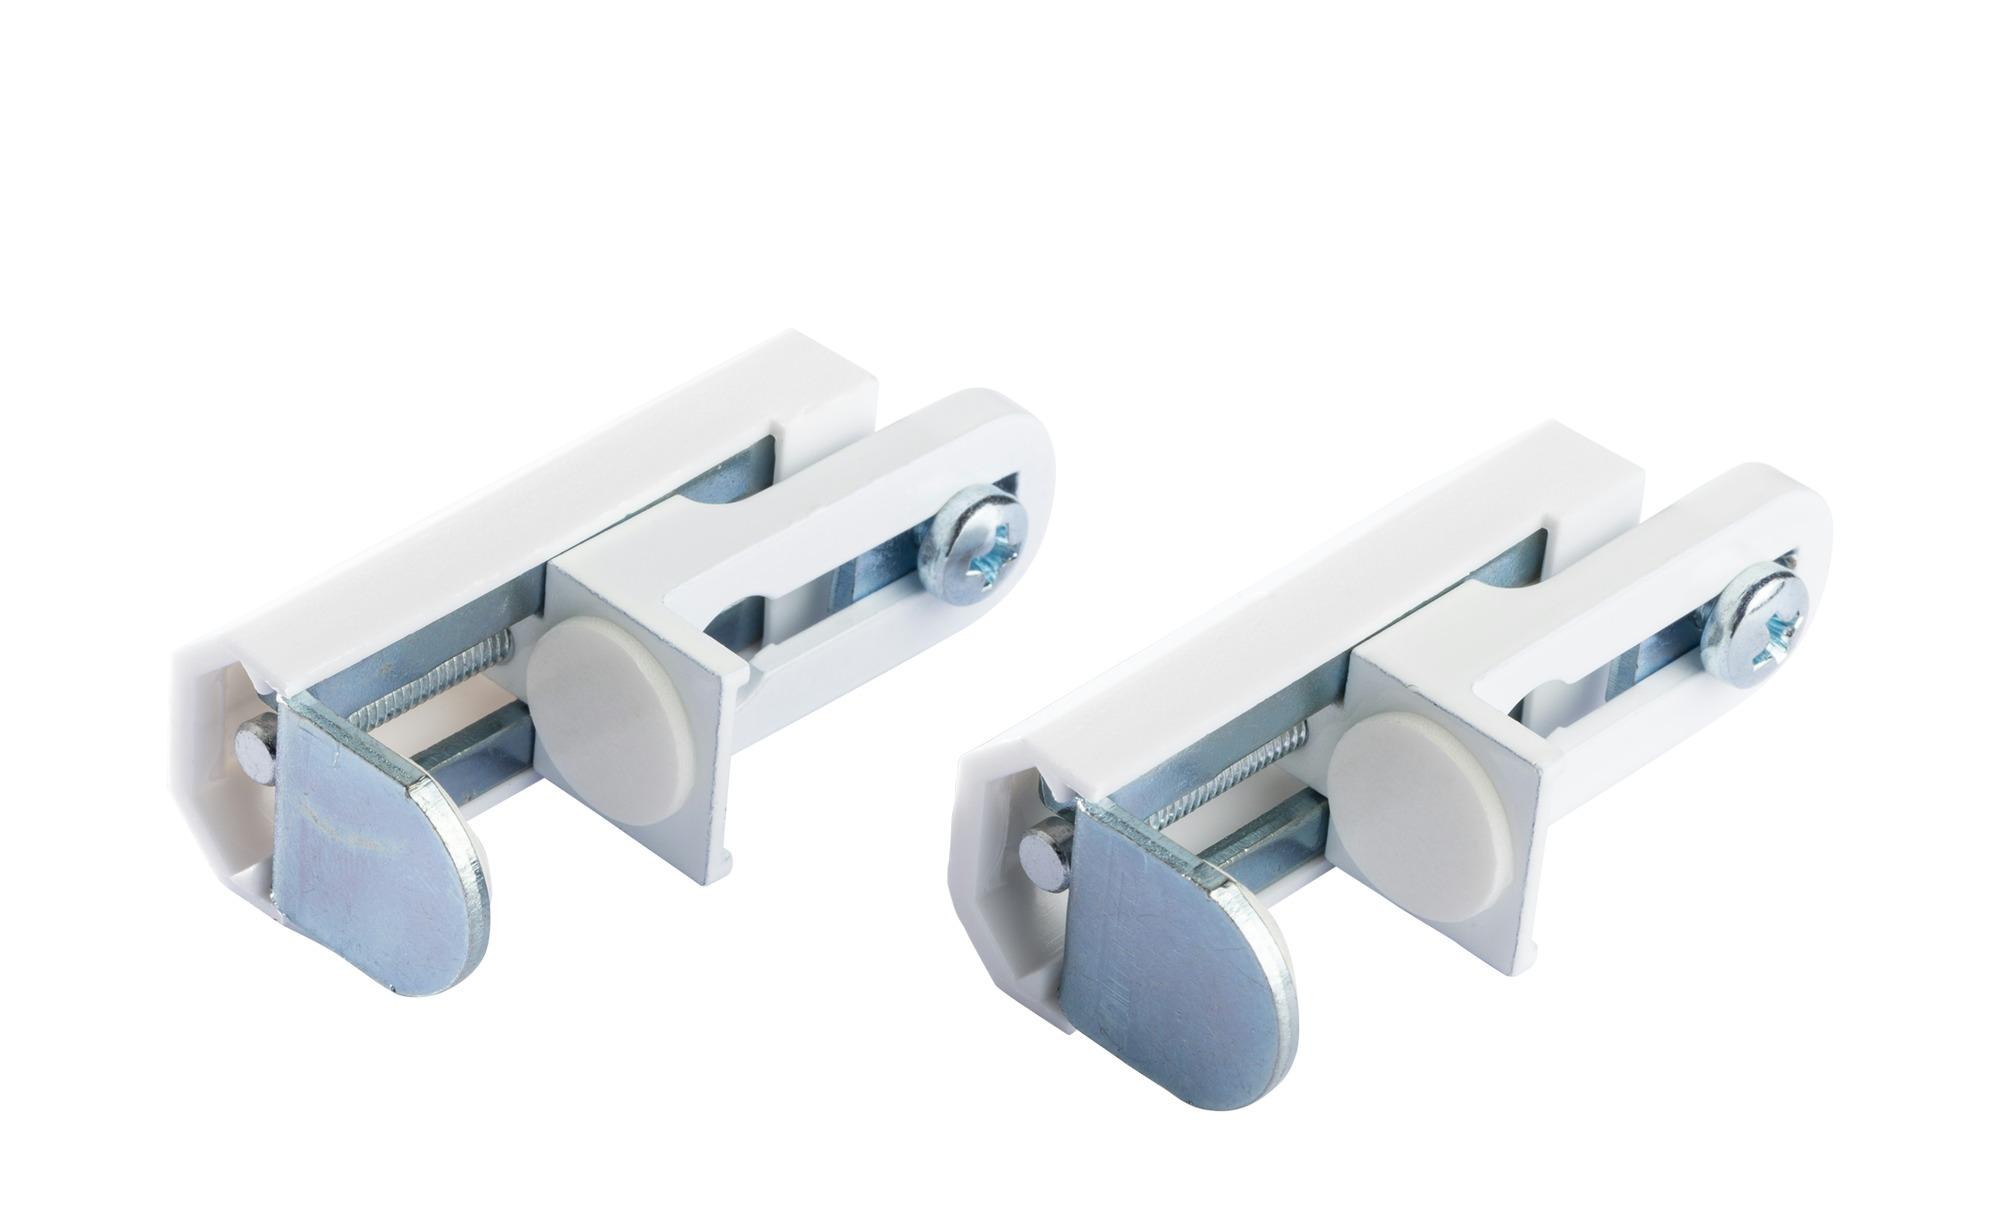 Klemmträger für Doppelrollo / Faltstore ¦ Kunststoff Gardinen & Vorhänge > Rollos & Sonnenschutz > Rollo Zubehör - Höffner